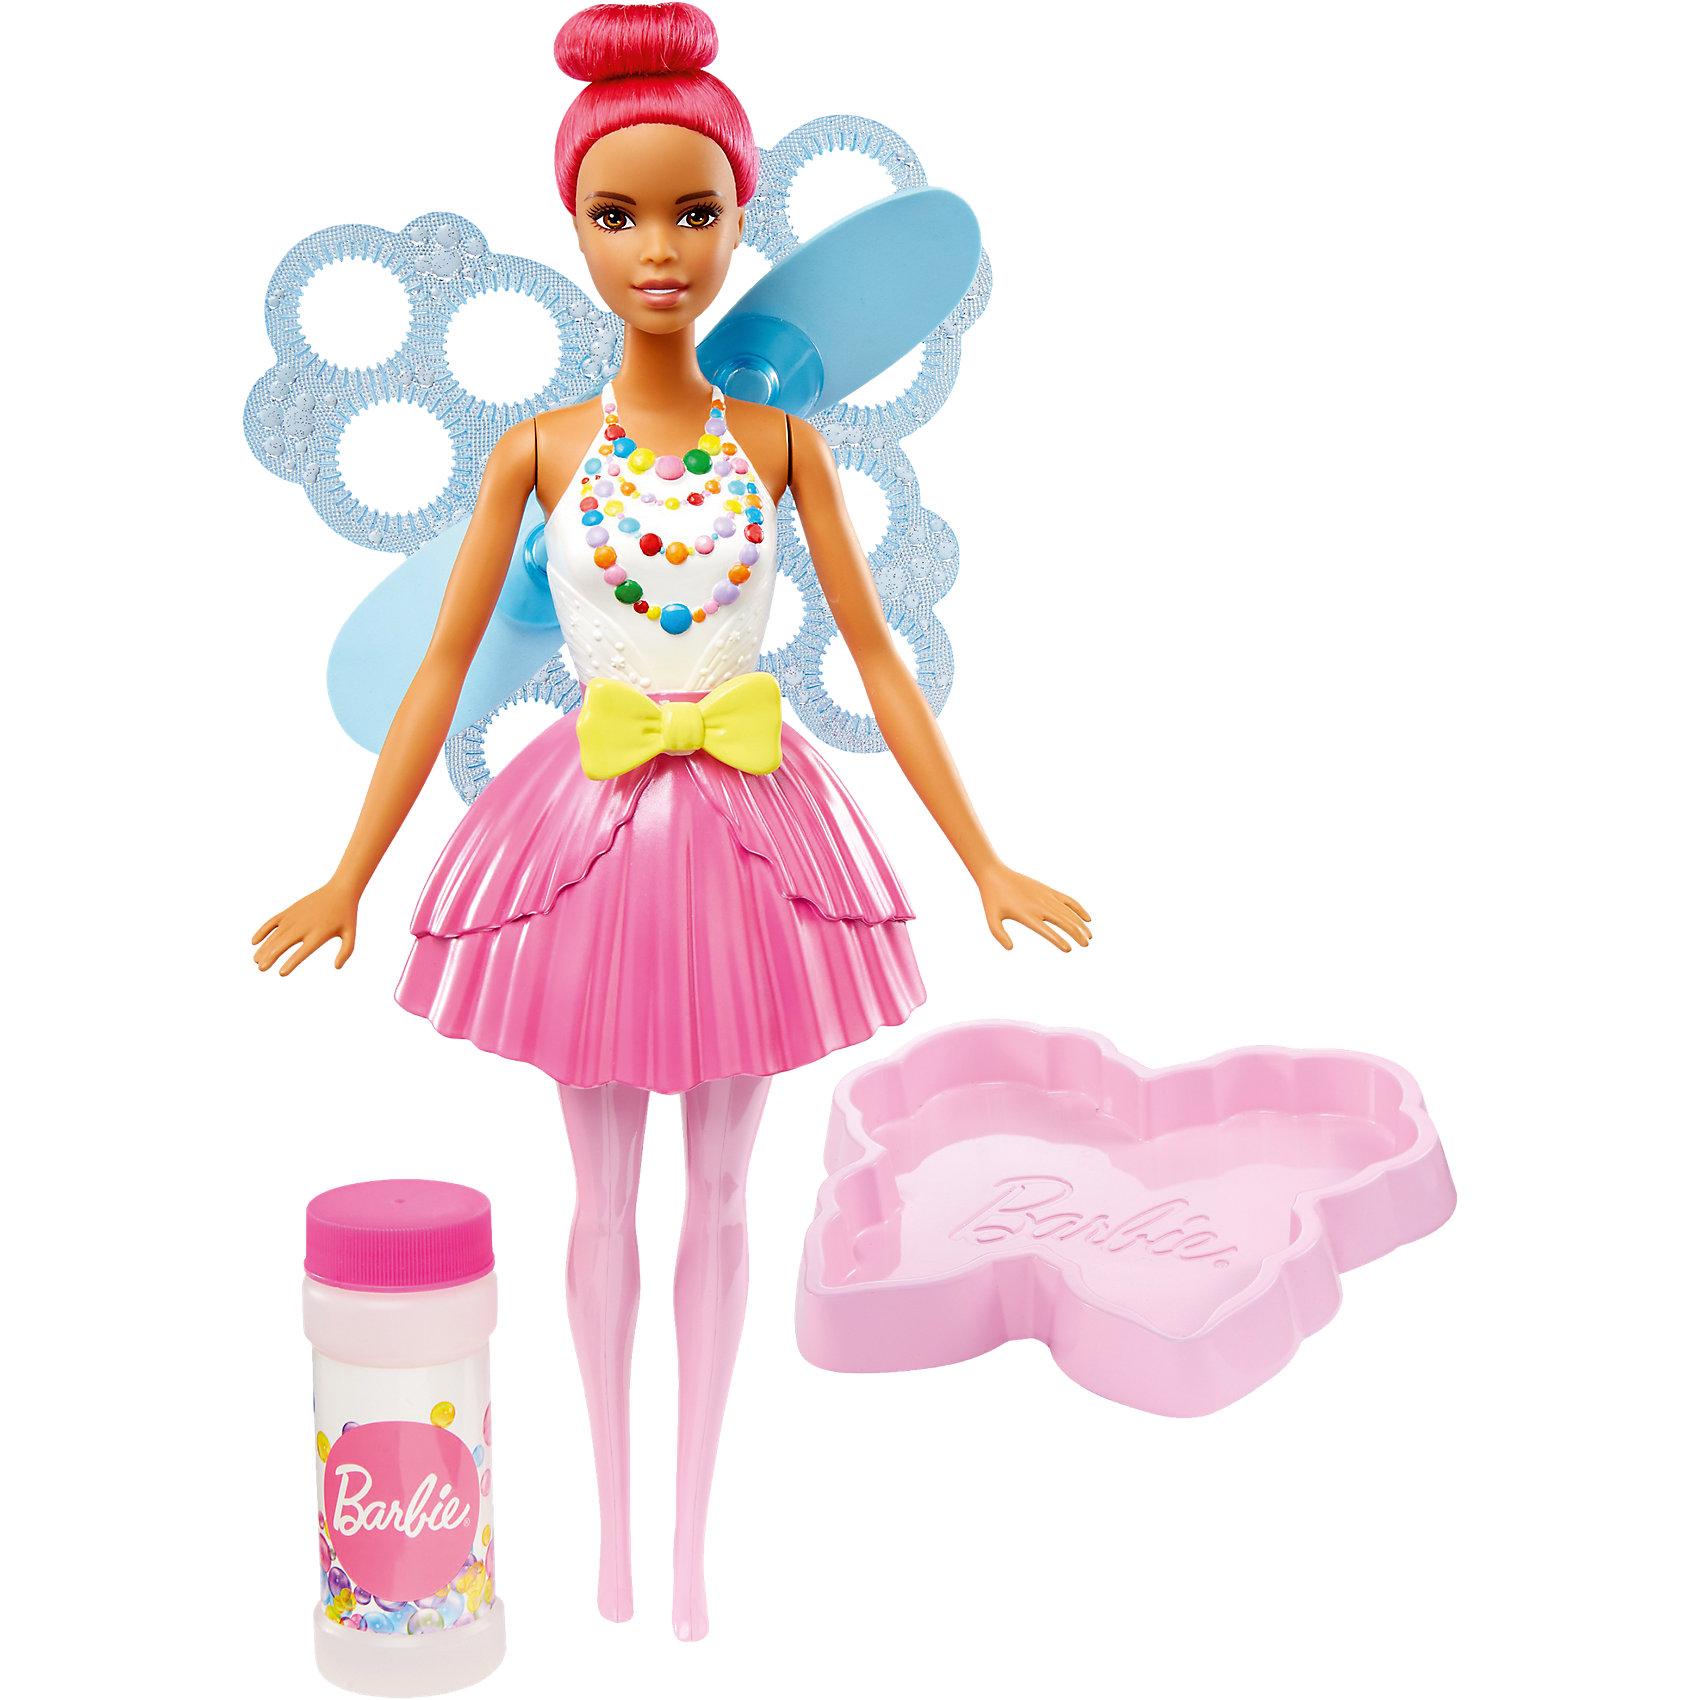 Фея с волшебными пузырьками, Barbie, 29 смBarbie Игрушки<br>Характеристики товара:<br><br>• комплектация: кукла, контейнер для жидкости, раствор для мыльных пузырей<br>• материал: пластик<br>• серия: Barbie™ Dreamtopia «Сладкое Королевство»<br>• высота куклы: 28 см<br>• возраст: от трех лет<br>• размер упаковки: 33х12х5 см<br>• вес: 0,3 кг<br>• страна бренда: США<br><br>Эта красивая кукла Барби порадует маленьких любительниц мыльных пузырей! Чтобы начать с ней играть, необходимо просто налить раствор из бутылочки, окунуть в него крылья куклы и потянуть за ленточку на её поясе - появятся волшебные пузыри! Барби из серии Сладкое Королевство станет великолепным подарком для девочек. Кукла одета в яркий наряд.<br><br>Куклы - это не только весело, они помогают девочкам развить вкус и чувство стиля, отработать сценарии поведения в обществе, развить воображение и мелкую моторику. Кукла от бренда Mattel не перестает быть популярной! <br><br>Куклу Фея с волшебными пузырьками от компании Mattel можно купить в нашем интернет-магазине.<br><br>Ширина мм: 325<br>Глубина мм: 230<br>Высота мм: 91<br>Вес г: 444<br>Возраст от месяцев: 36<br>Возраст до месяцев: 72<br>Пол: Женский<br>Возраст: Детский<br>SKU: 5262152